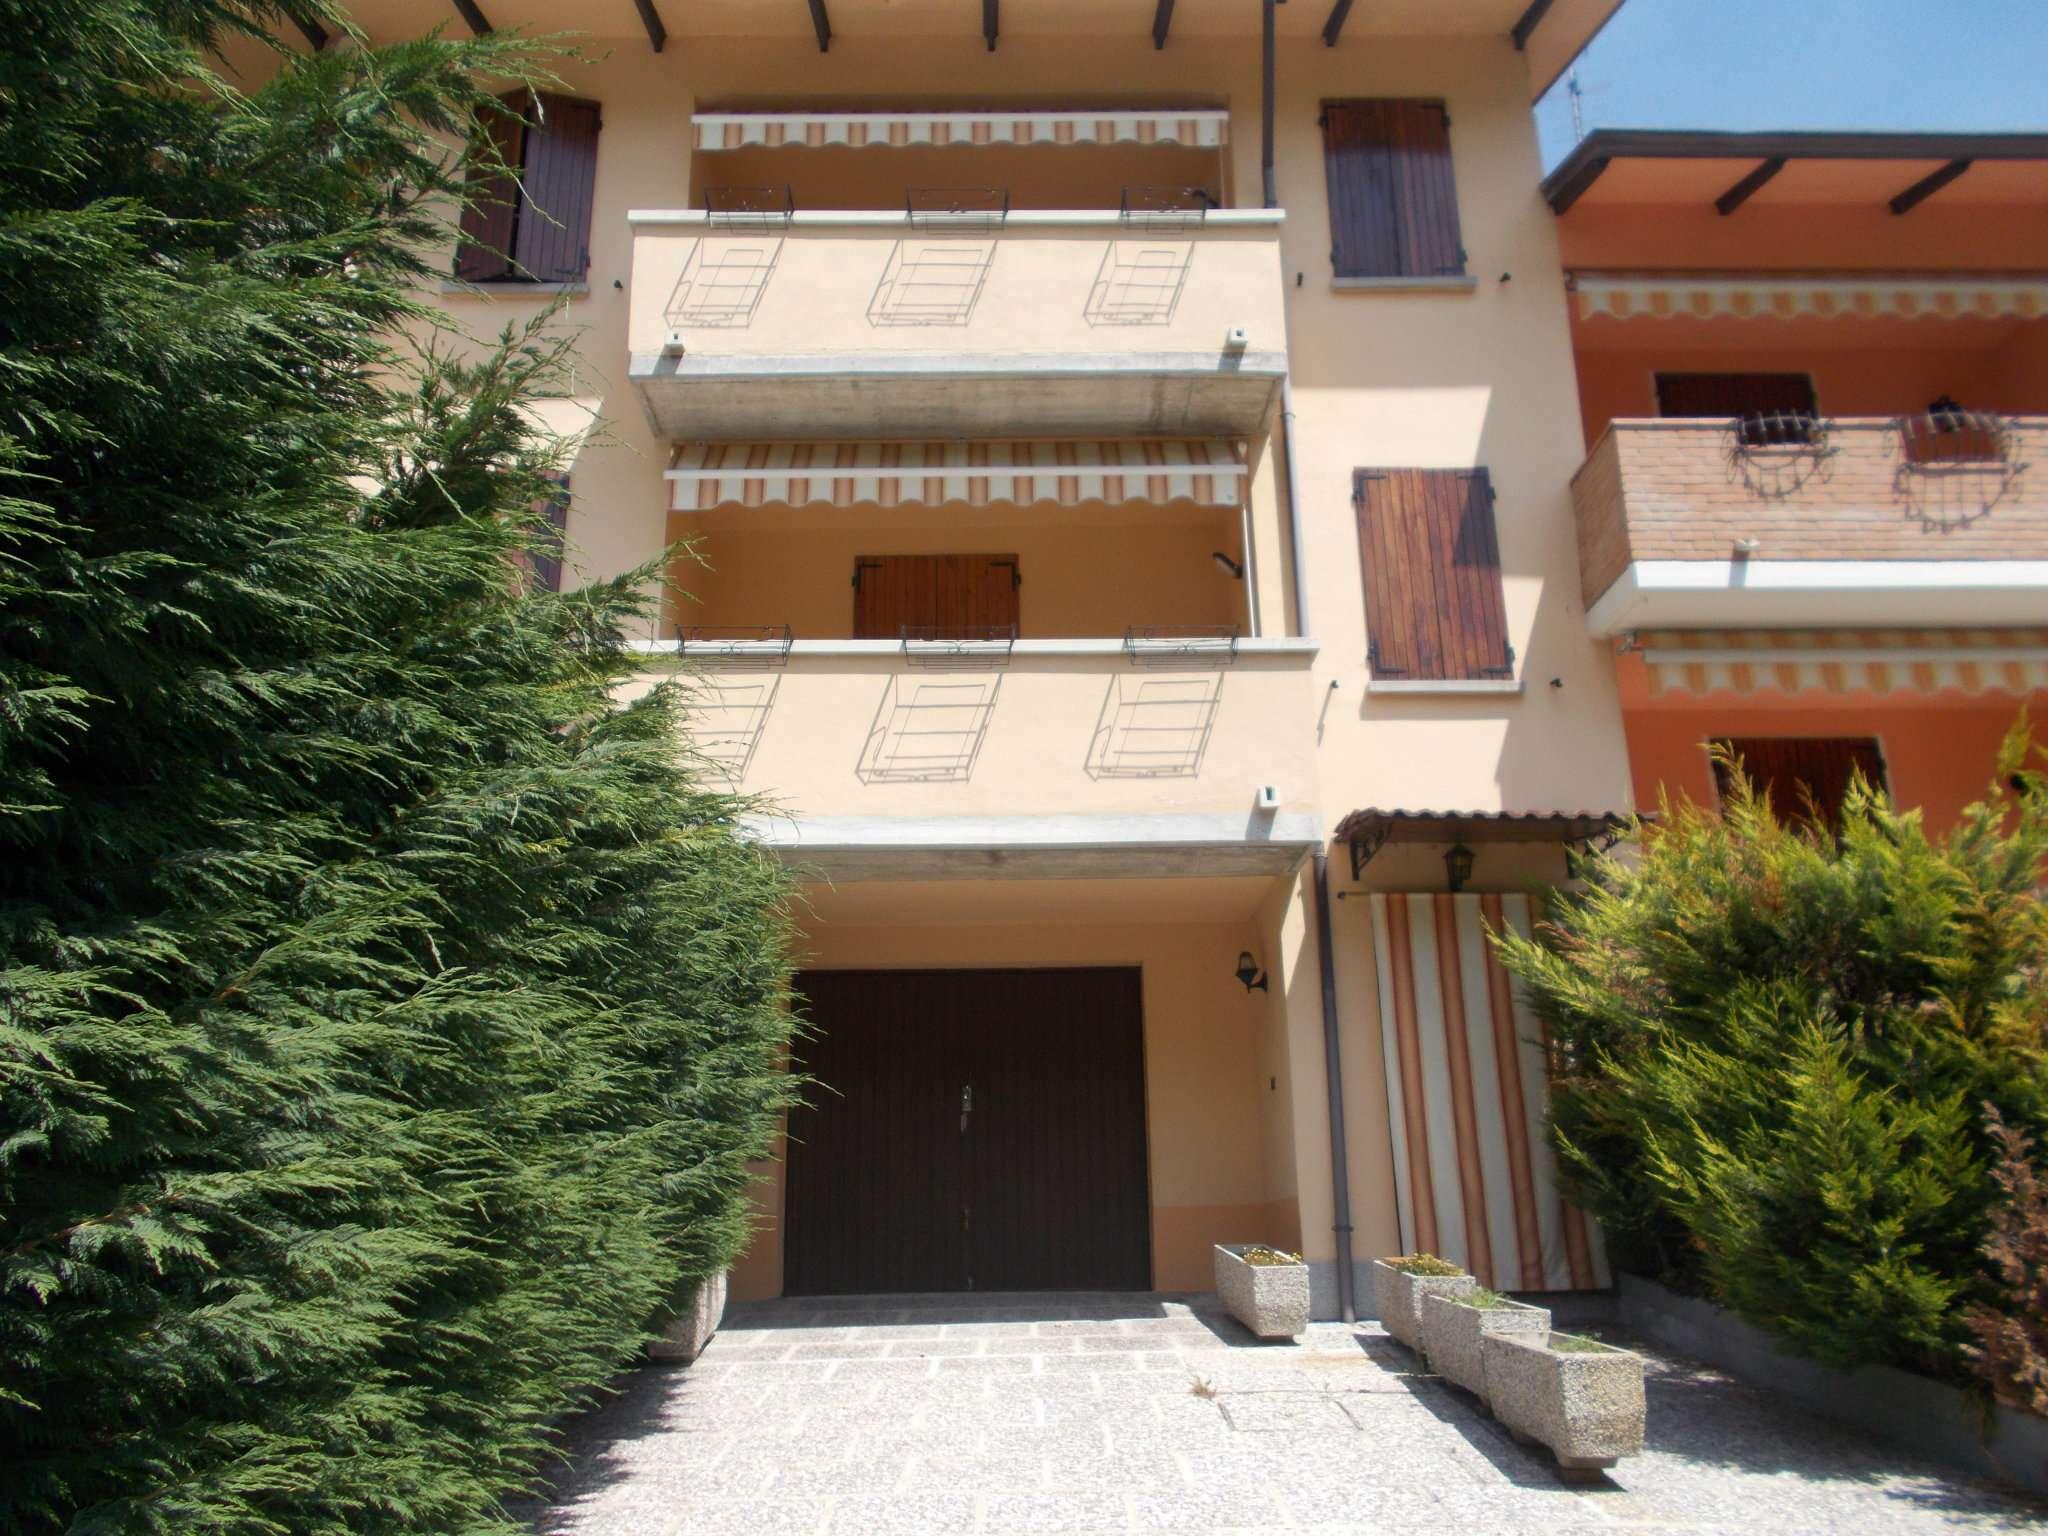 Palazzo / Stabile in vendita a Casina, 3 locali, prezzo € 100.000 | CambioCasa.it